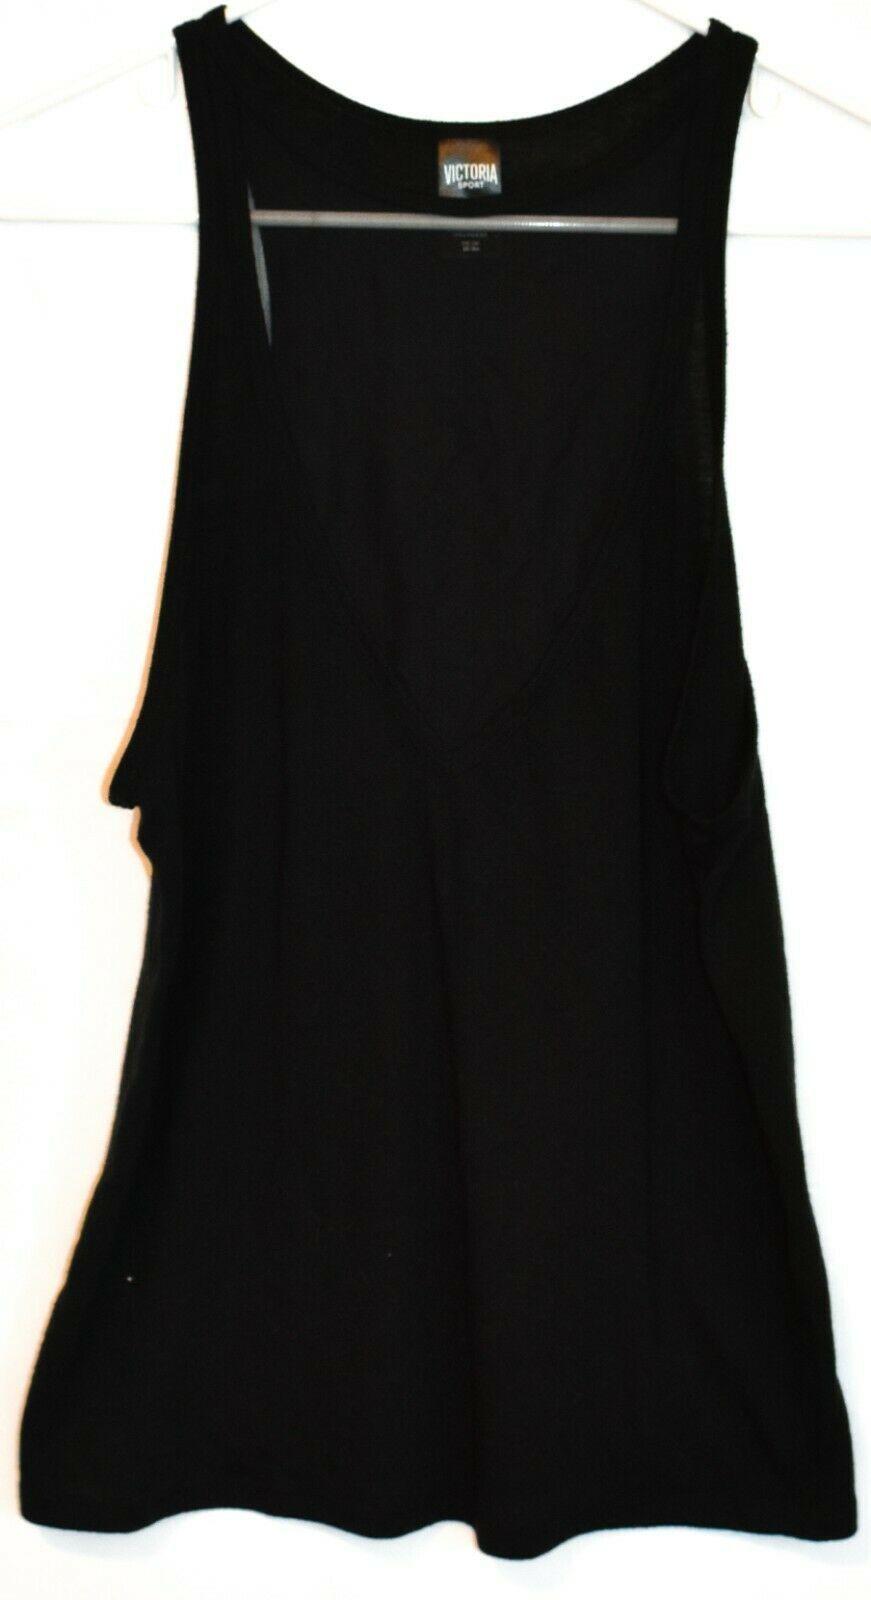 Victoria's Secret Victoria Sport Women's Black Illusion V-Neck Tank Top Size S